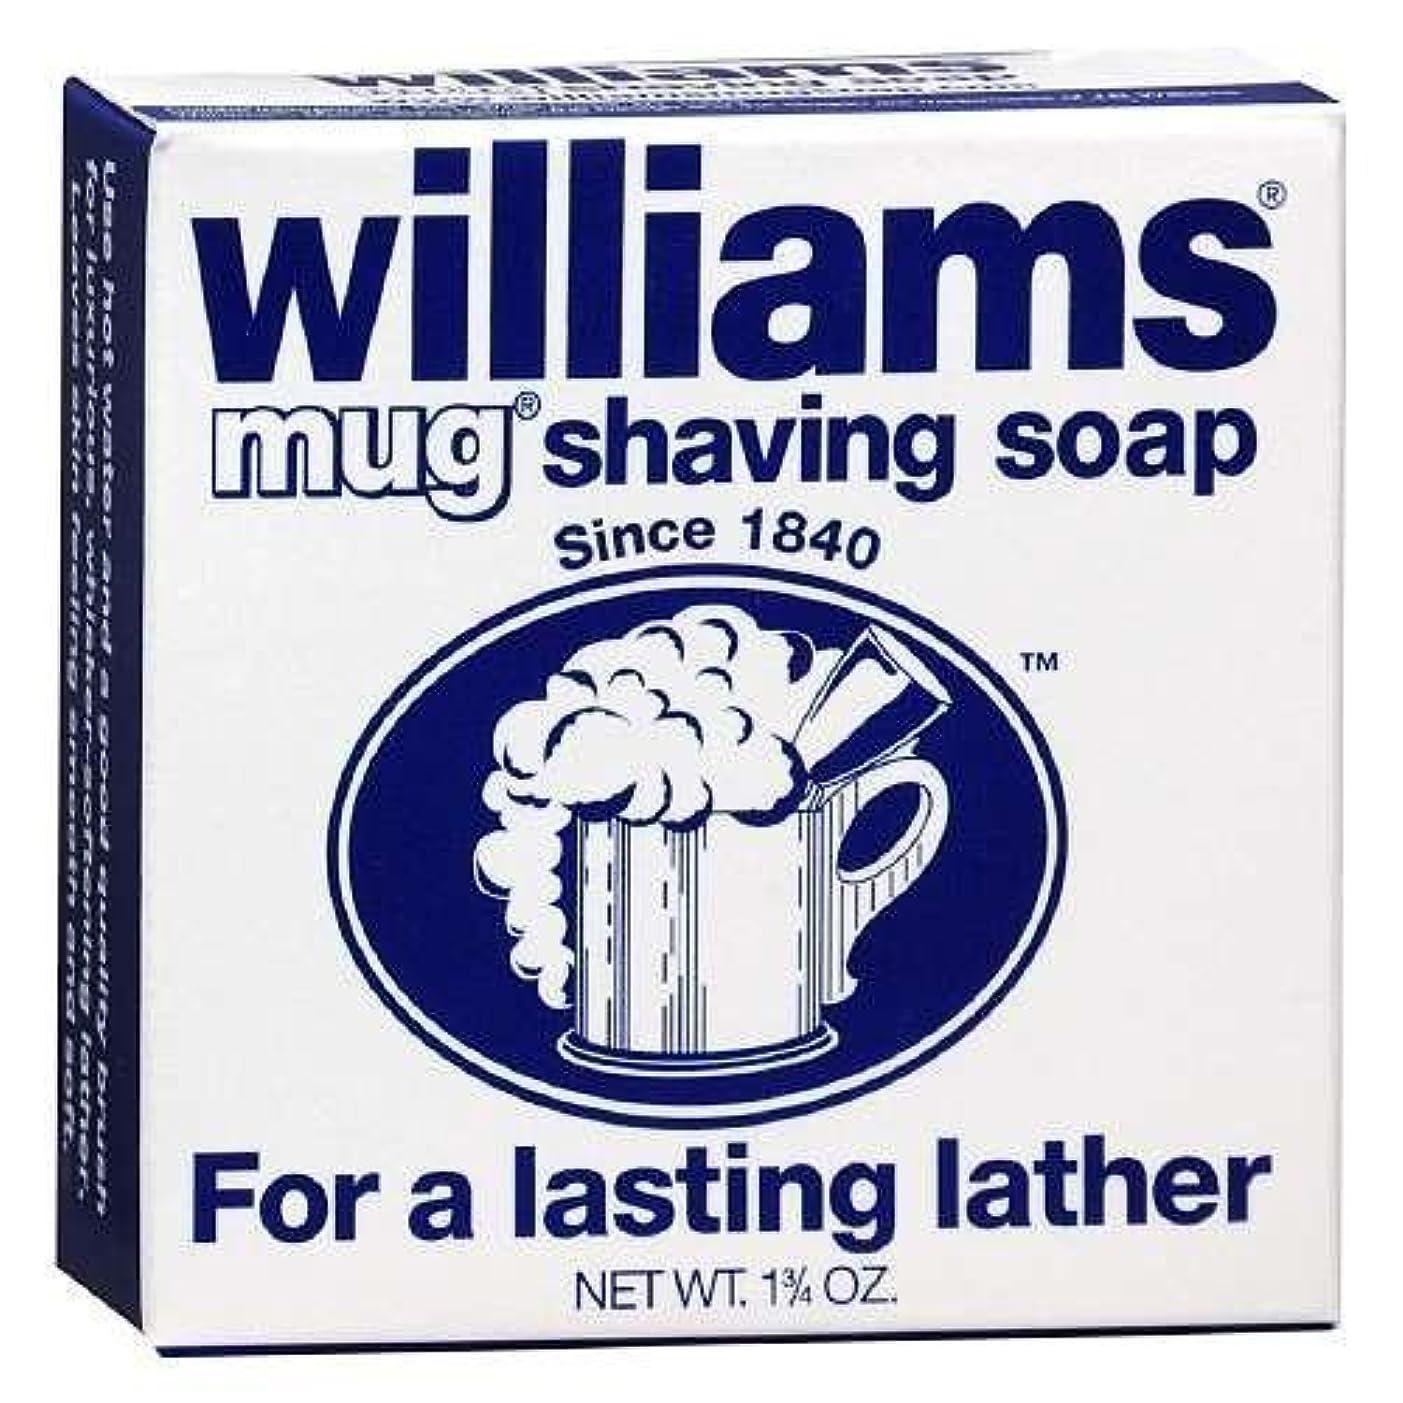 触手有益な常習者Williams Mug Shaving Soap 1.75 Oz (Pack of 5) [並行輸入品]